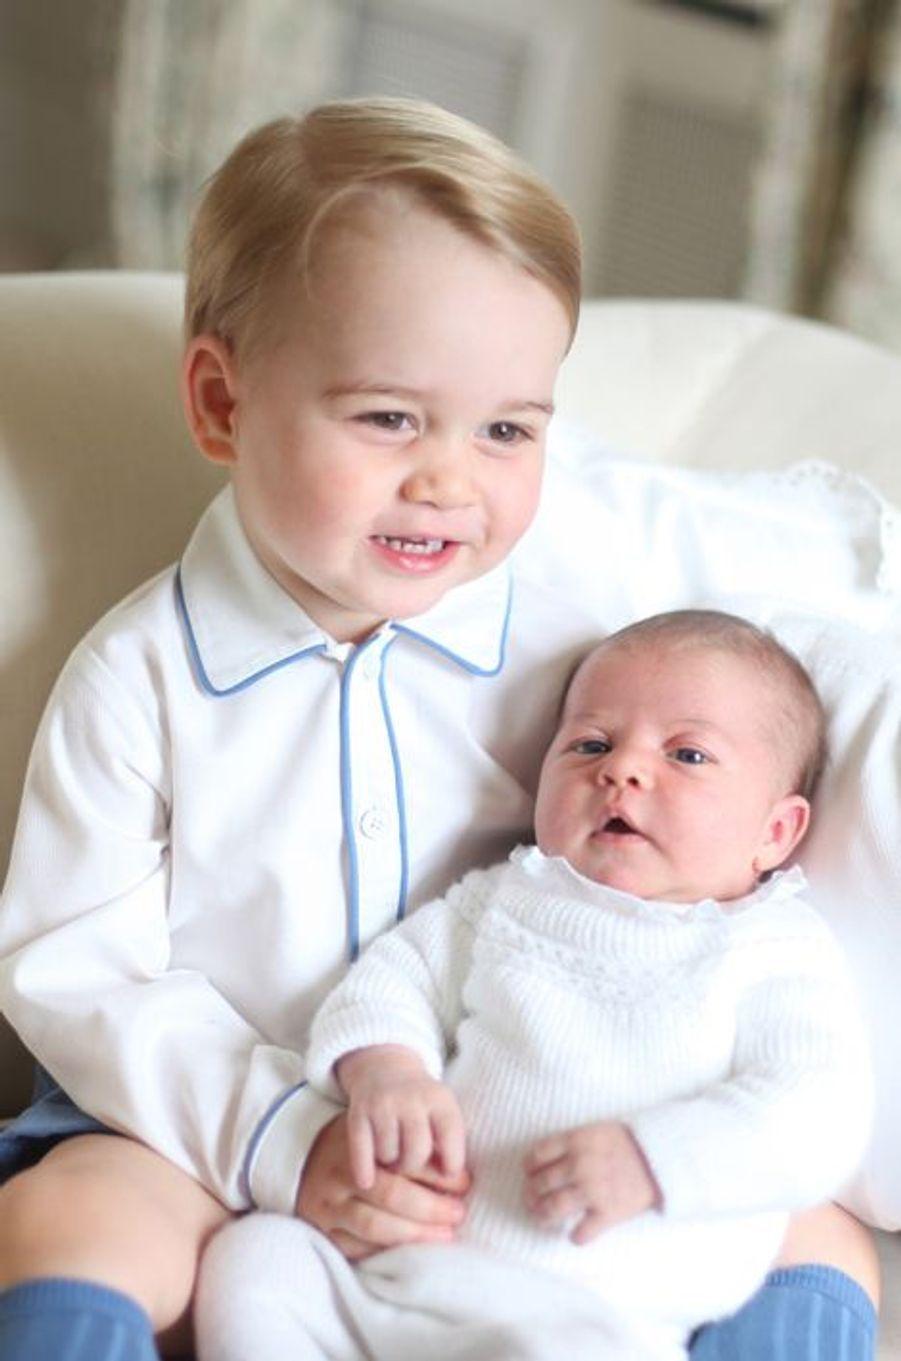 La princesse Charlotte avec son frère le prince George, photo prise par leur maman Kate et diffusée pour ses 1 mois